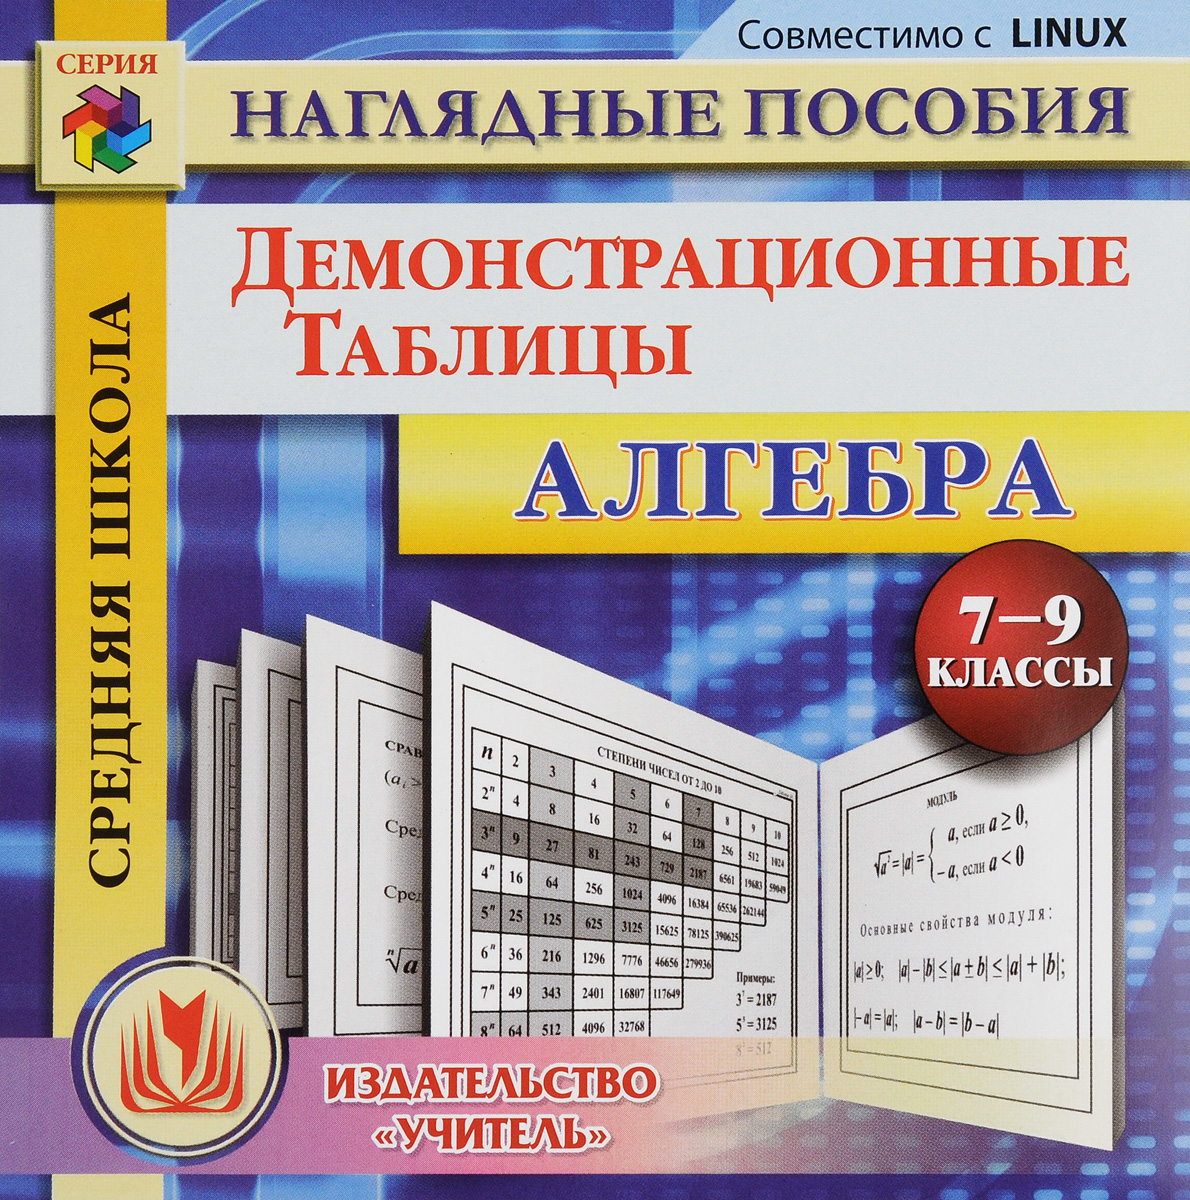 Алгебра. 7-9 классы. Демонстрационные таблицы а а еромасова общая психология практикум для самостоятельной работы студента